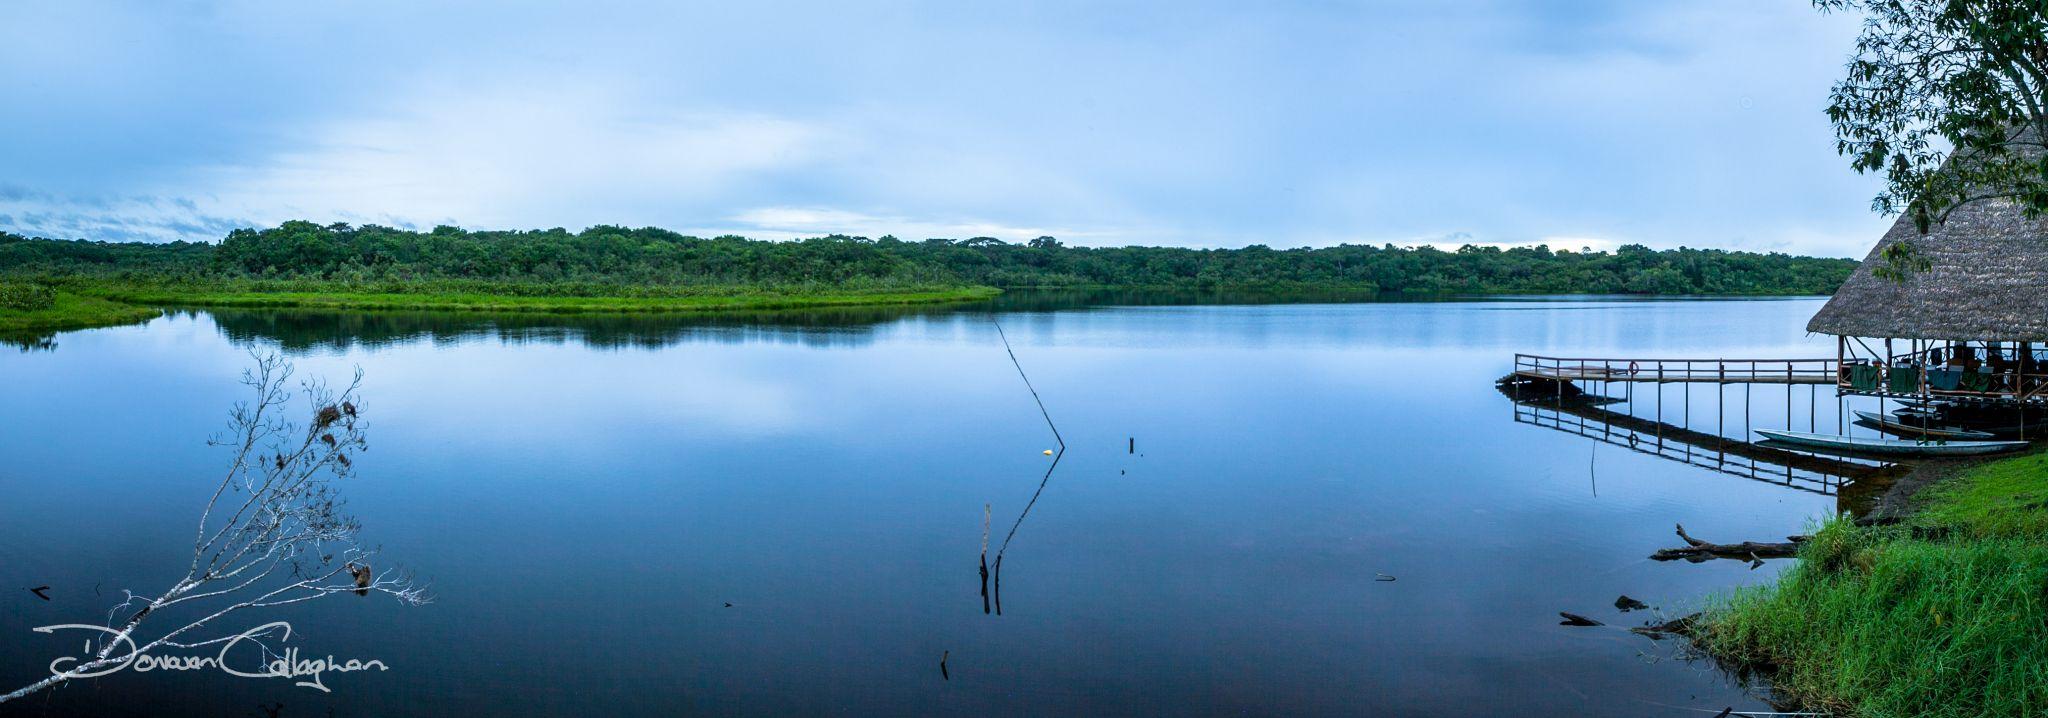 Napo Wildlife Center Ecolodge, Anangu Lake,, Ecuador